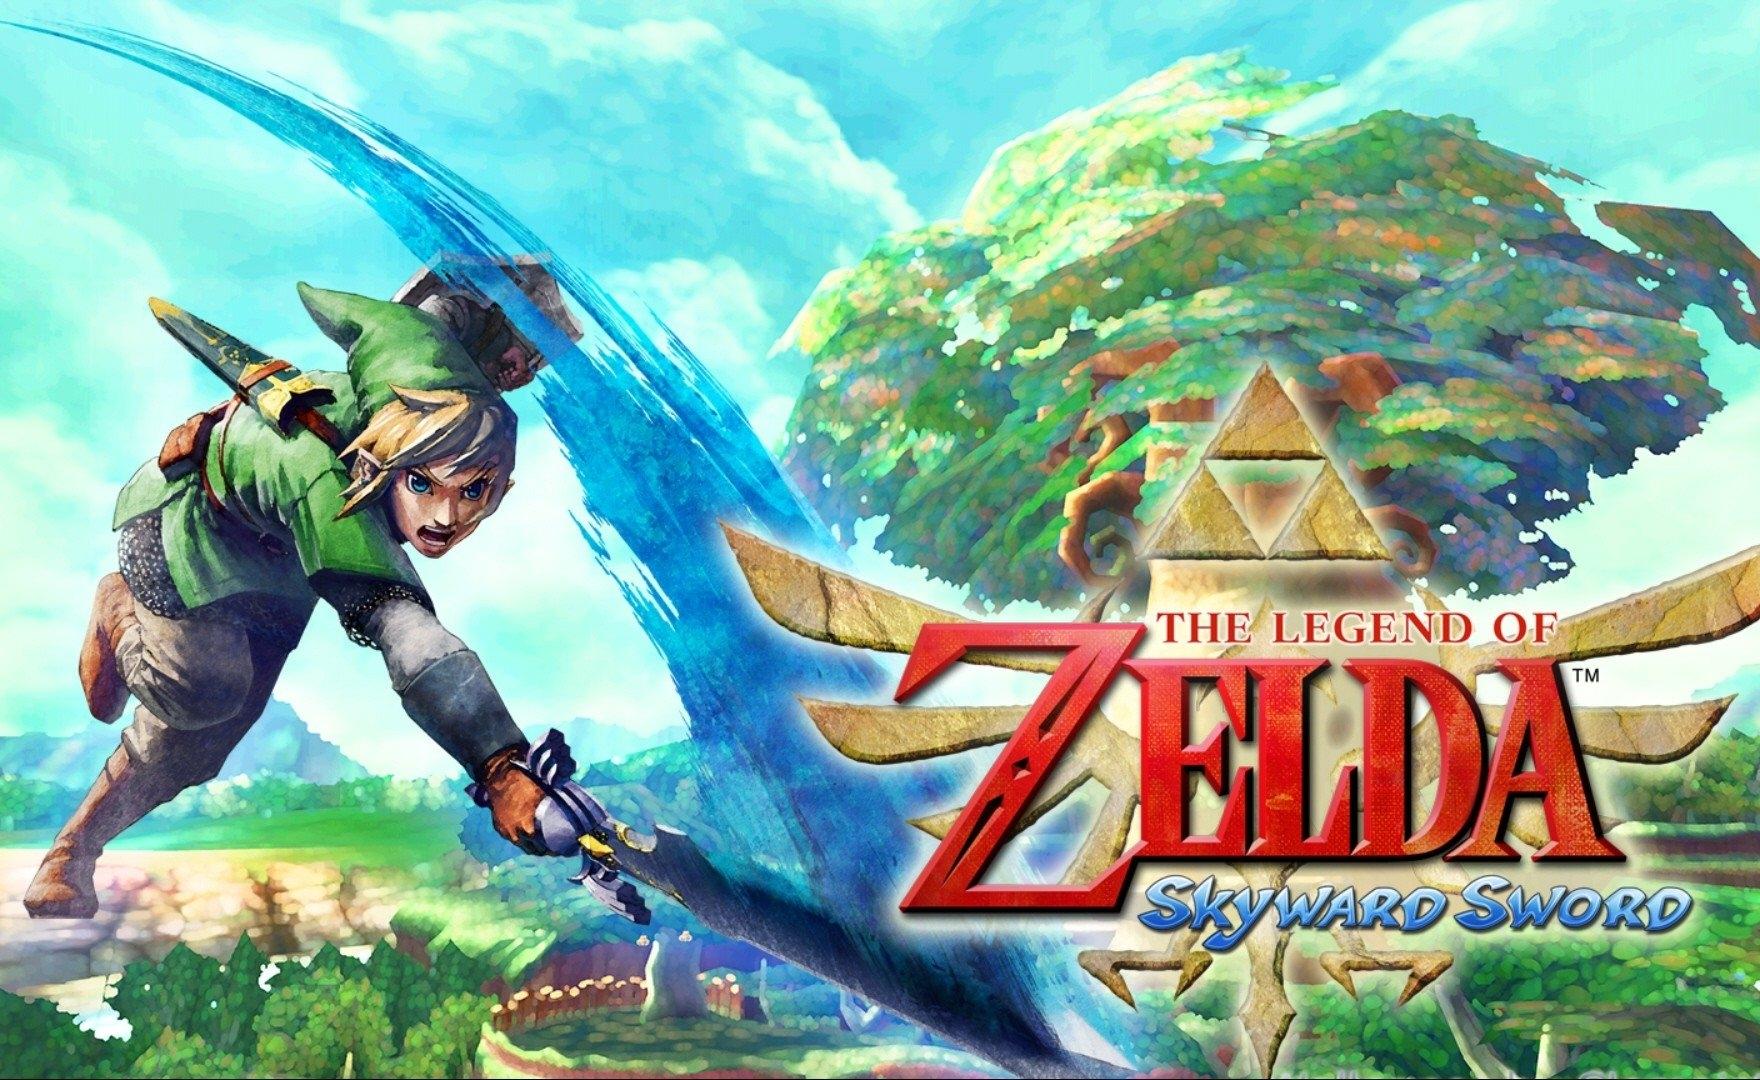 The Legend of Zelda Skyward Sword solo l'inizio, altri Zelda nel 2021?